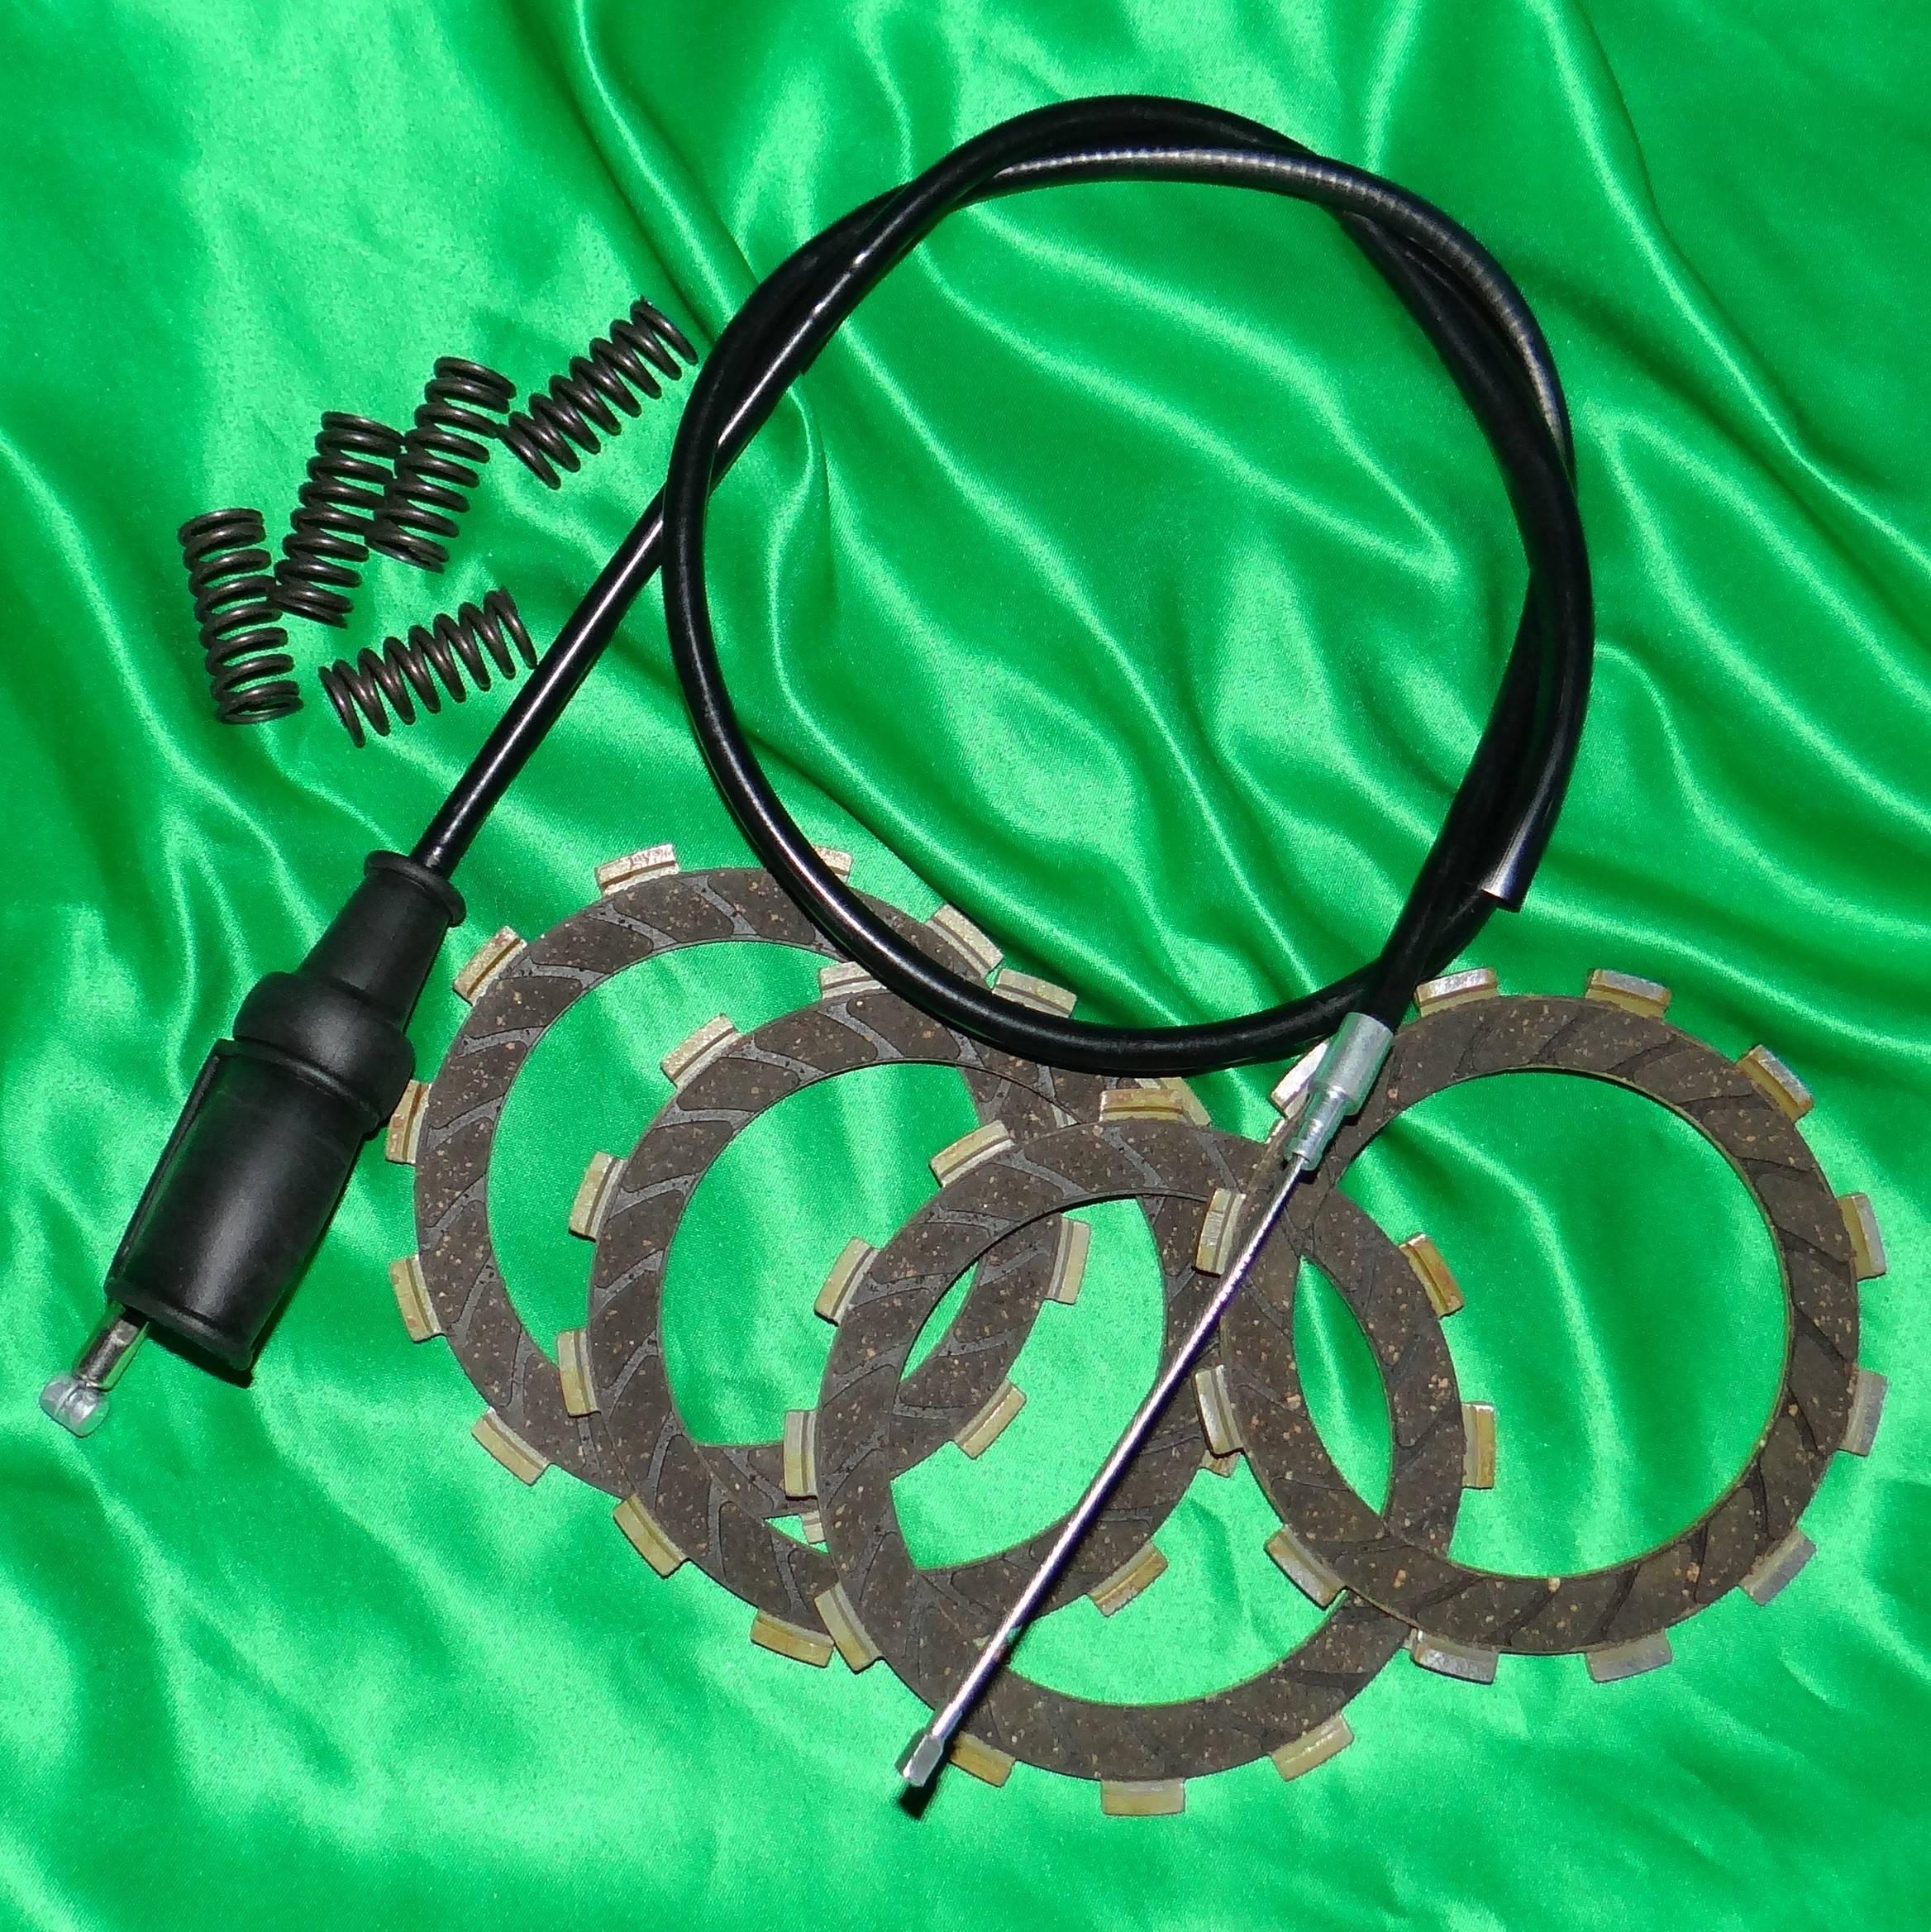 Disque d'embrayage, ressort, cable d'embrayage,... pour APRILIA 4 temps